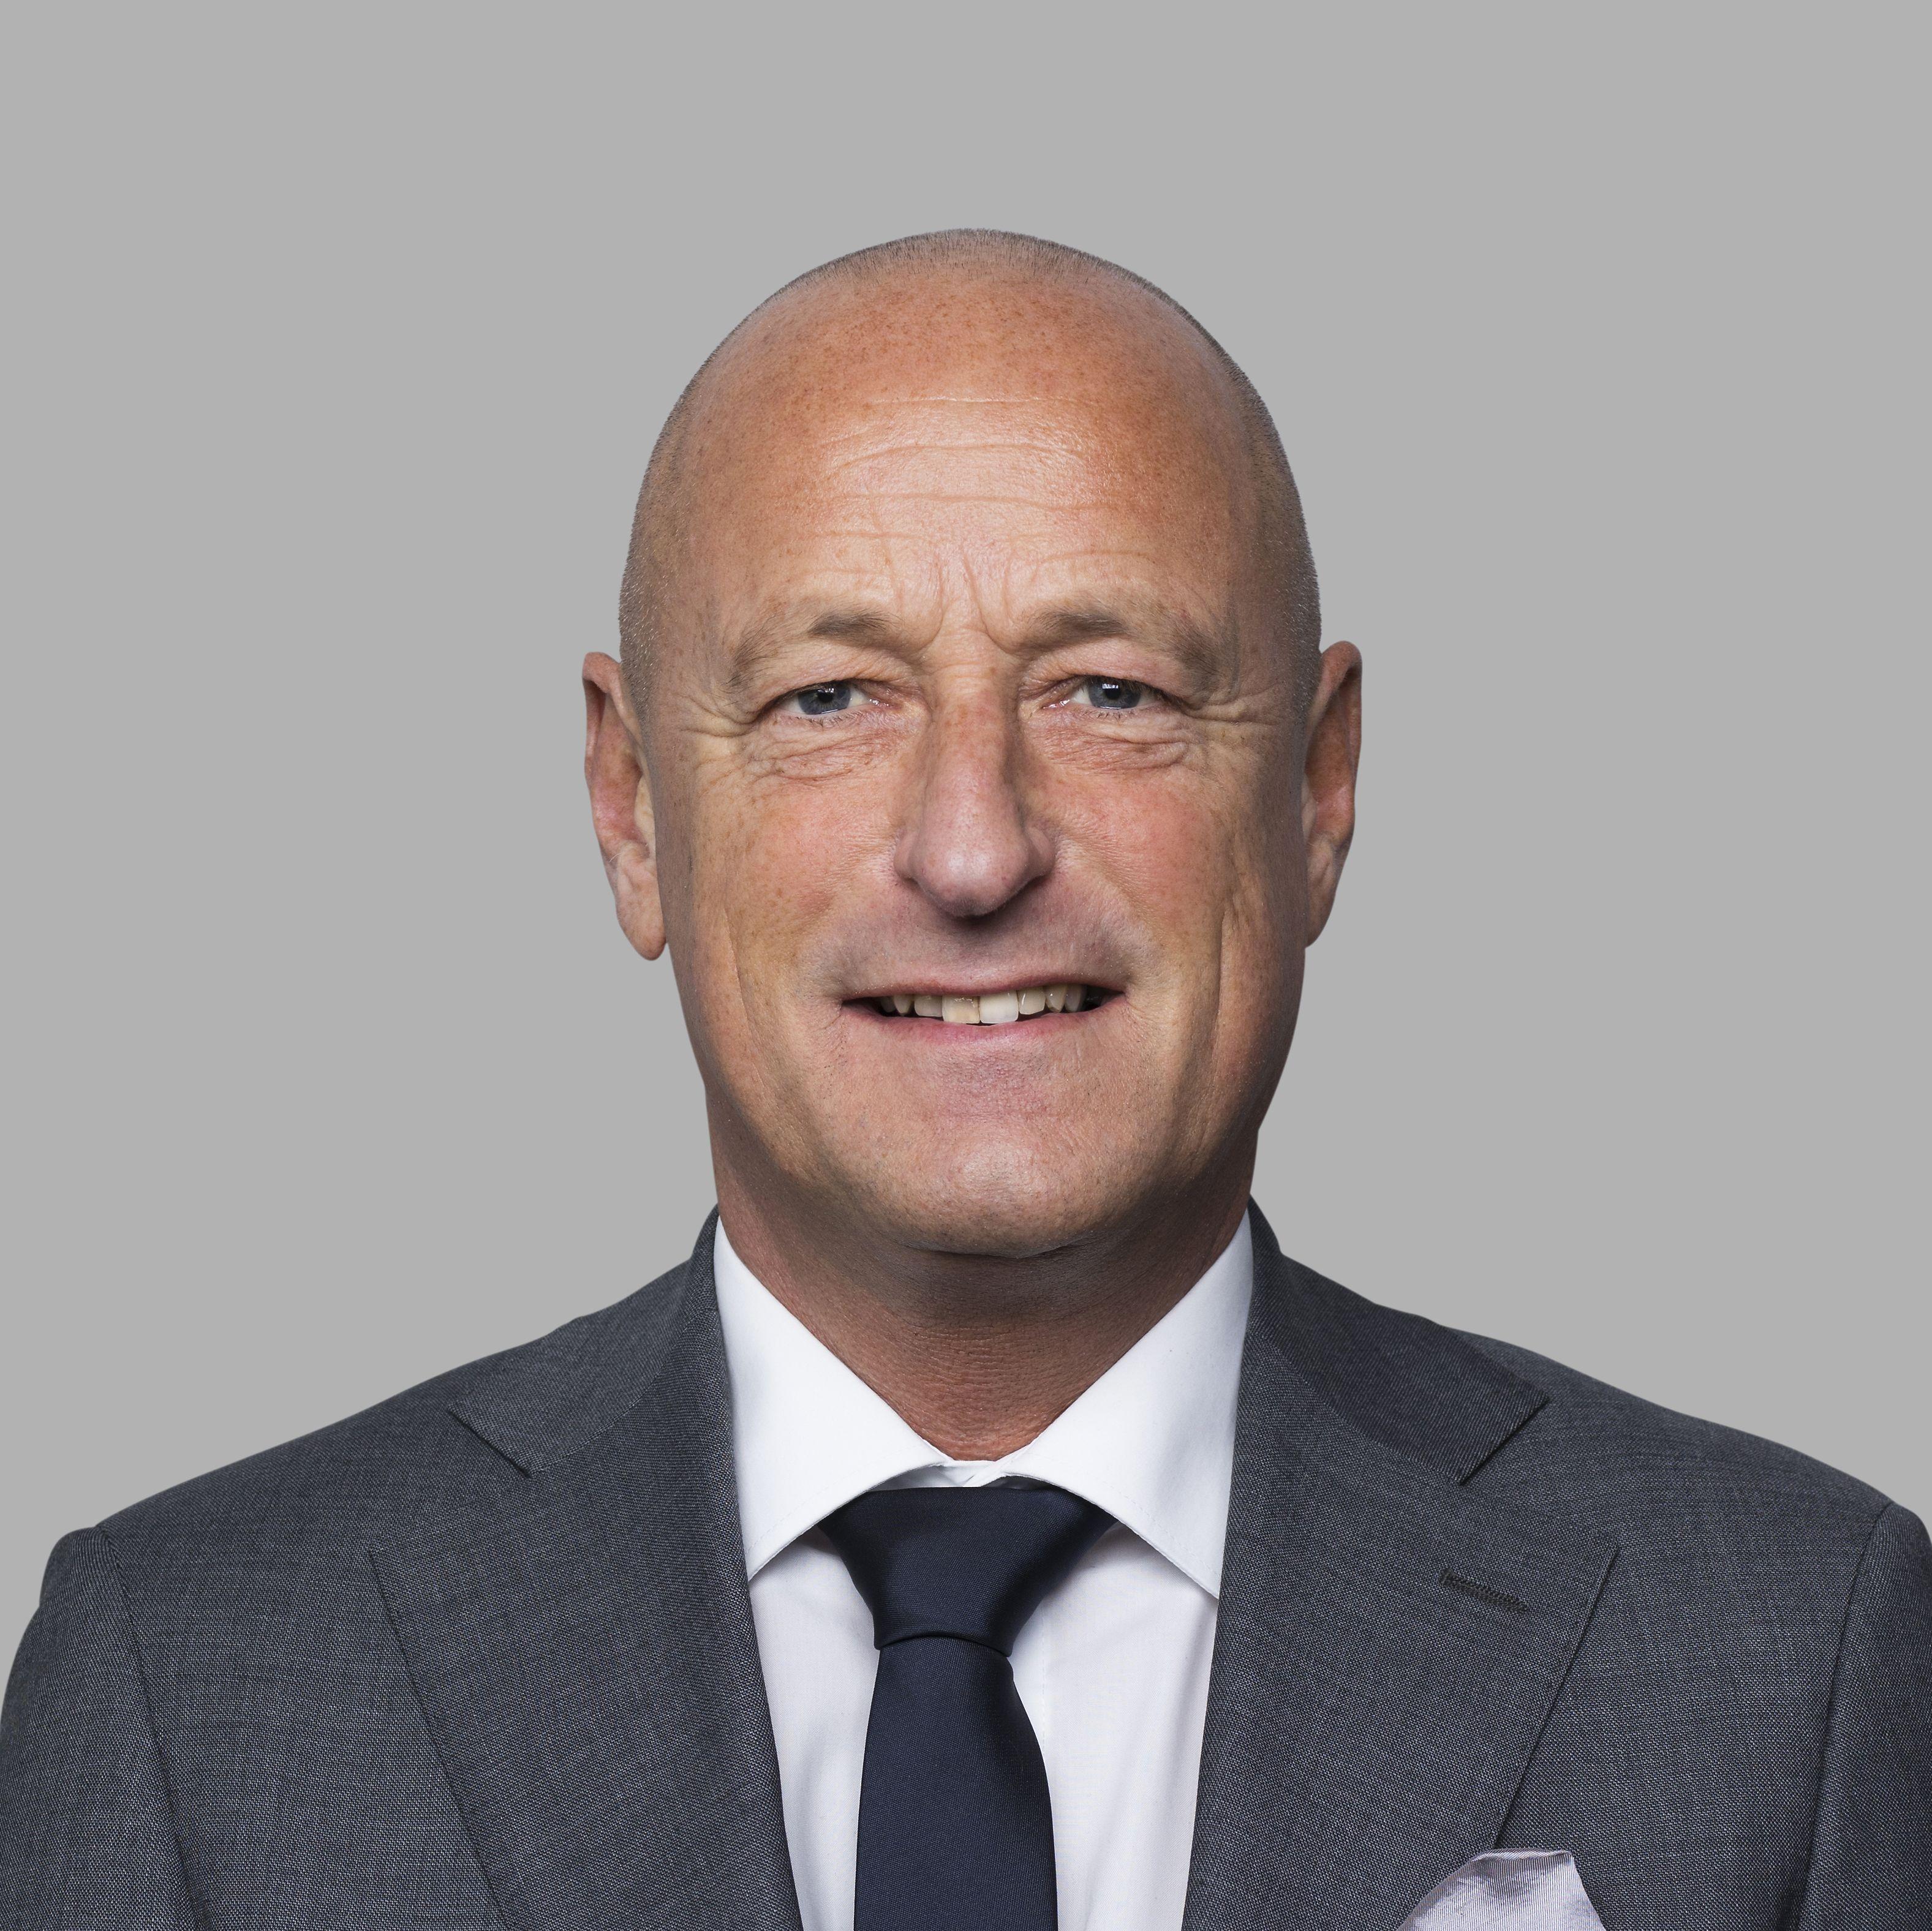 Paul Claessens